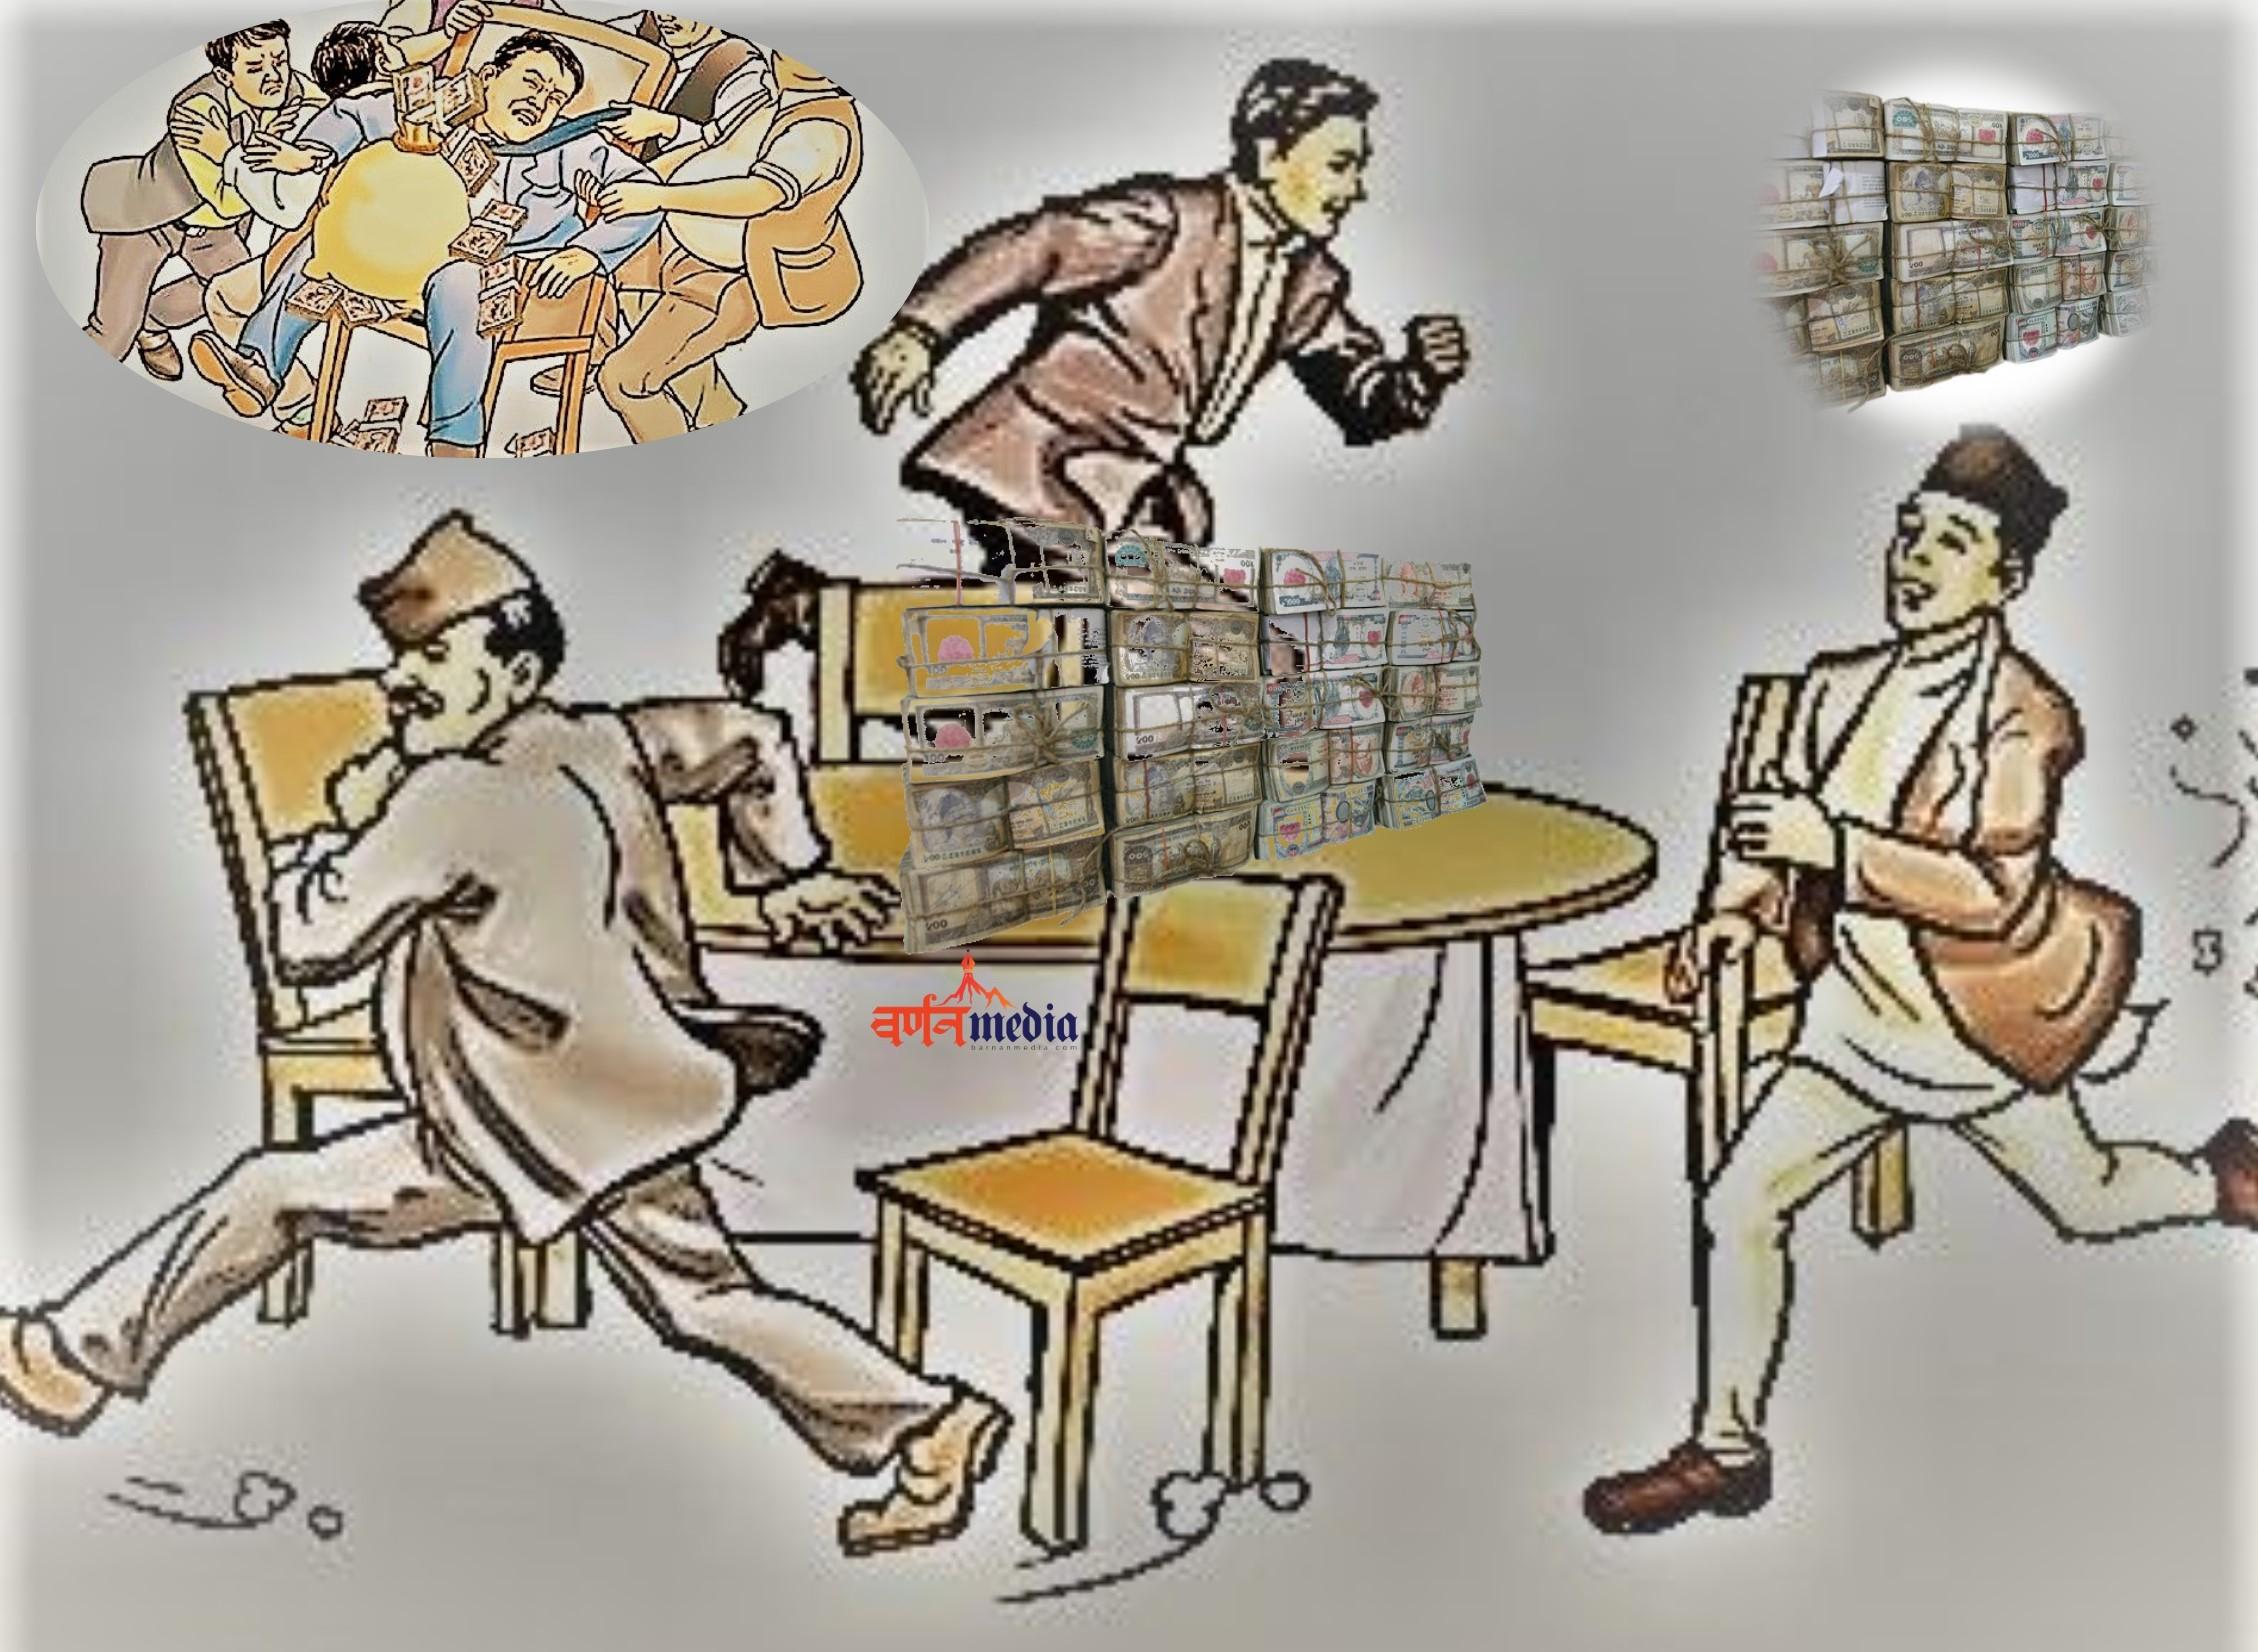 सरकार, भ्रष्टाचार गरी थुपारेको सम्पत्ति खोज्न शक्तिशाली आयोग बनाऊ, सबै सचिवहरुको खानतलासी गर